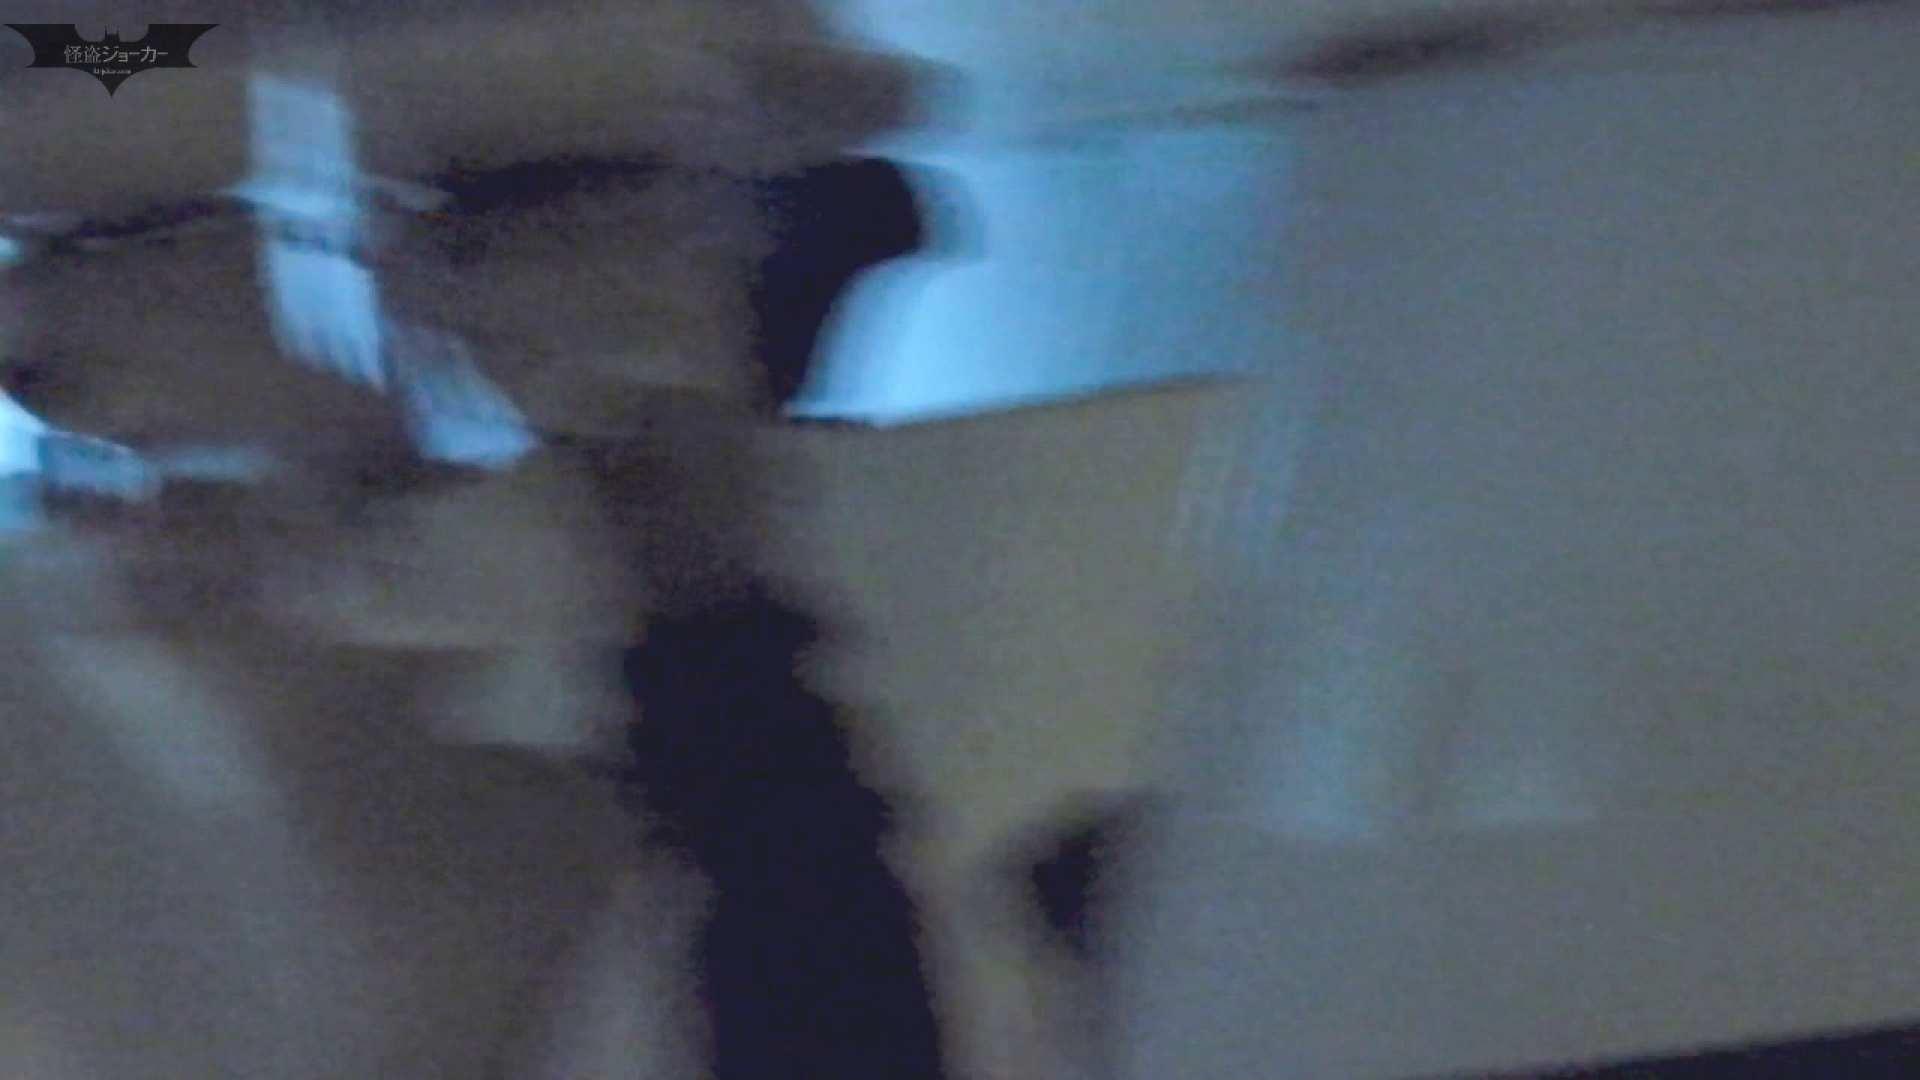 新世界の射窓 No61来ました!「ビジョビジョ」の美女達が・・・ 洗面所着替え   美女達のヌード  85連発 6